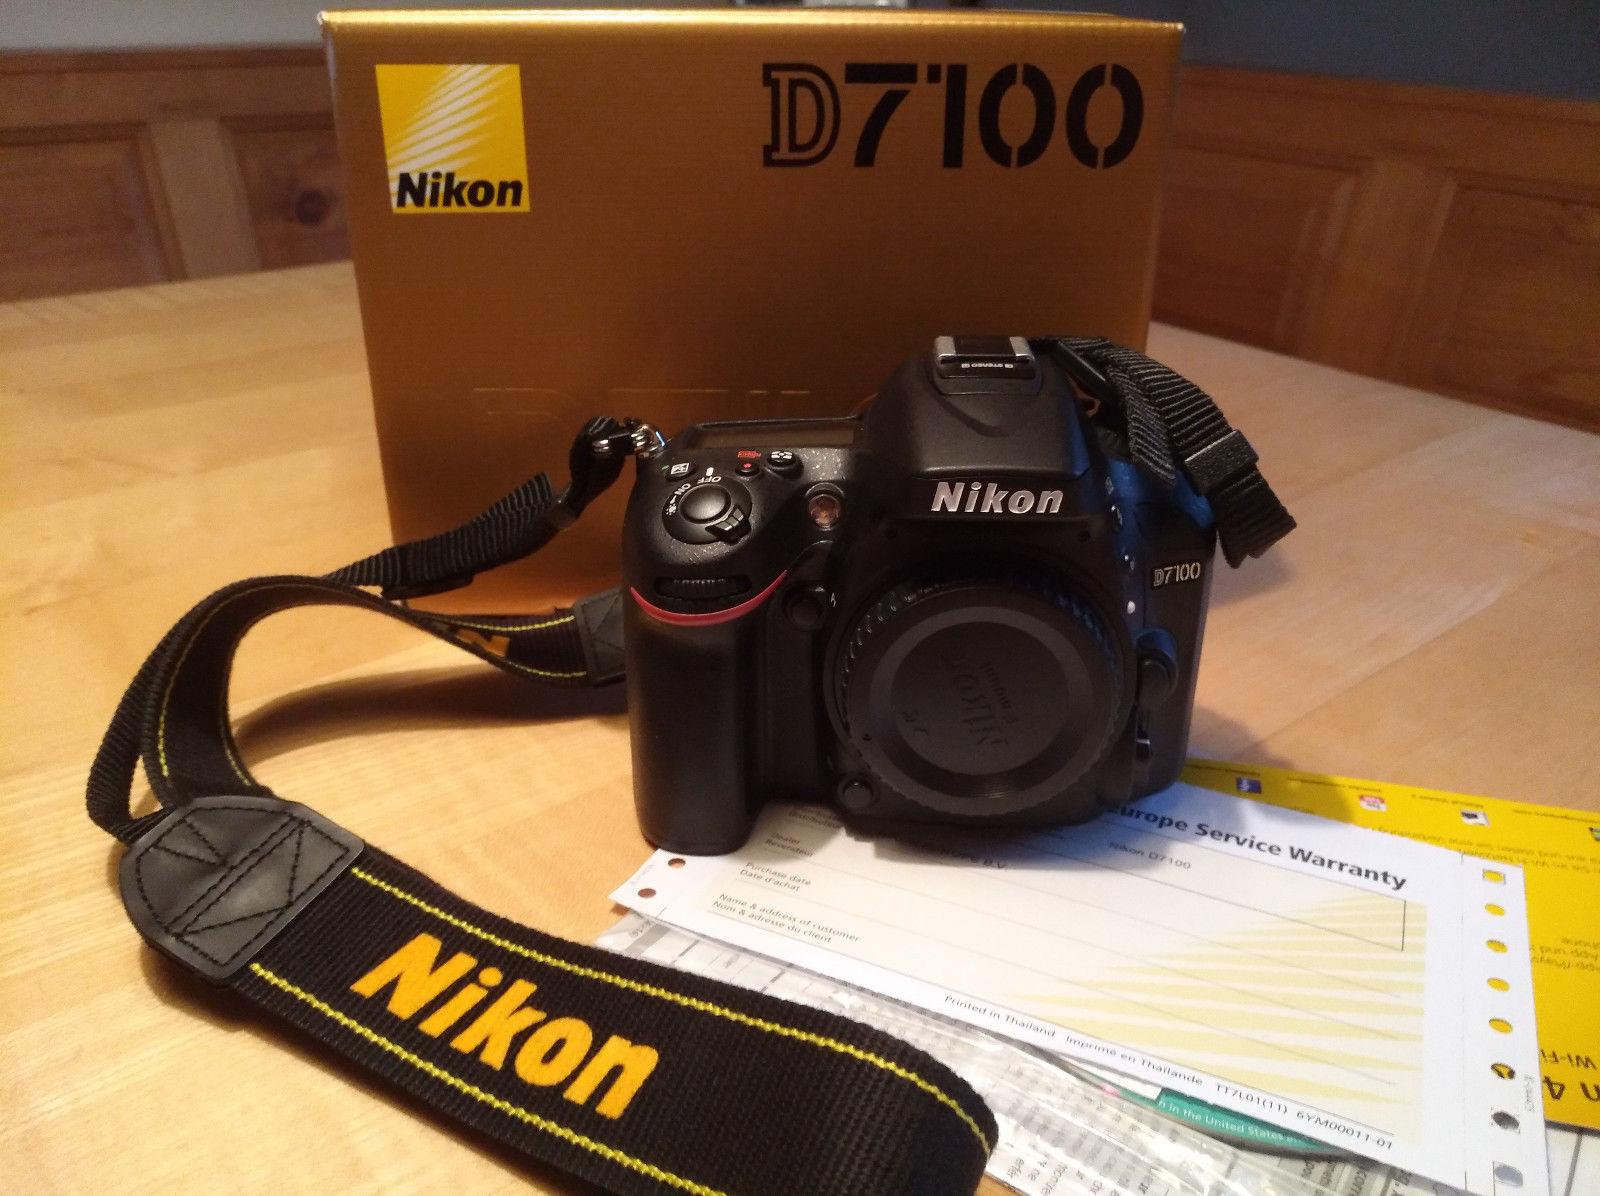 Sexy Krbis Halloween Damenkostm Orange Schwarz Nikon D7100 Body Only Paket Absolut Neuwertig Nur Ca 100 Auslsungen